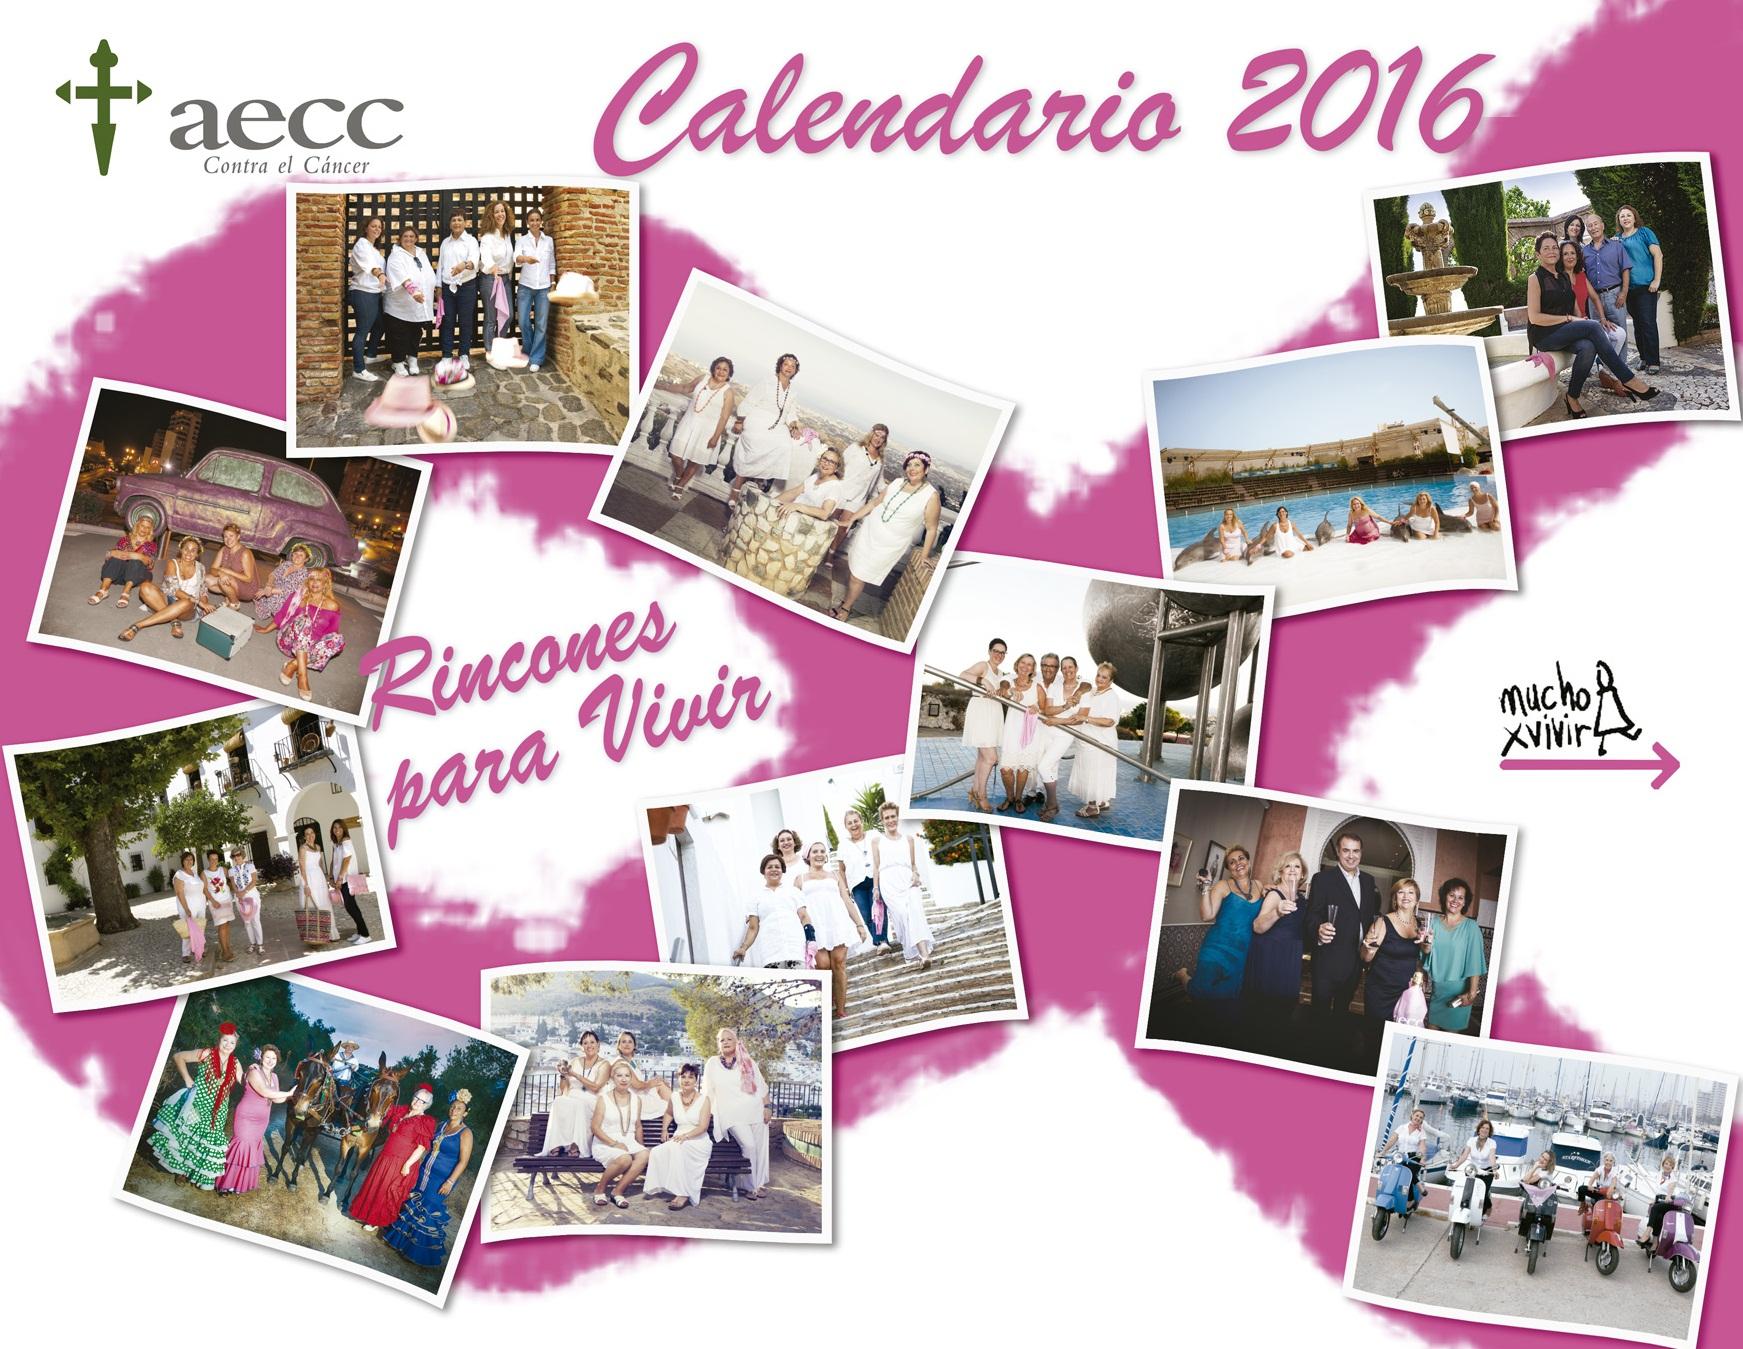 aecc, rincones para vivir, calendario 2016 aecc